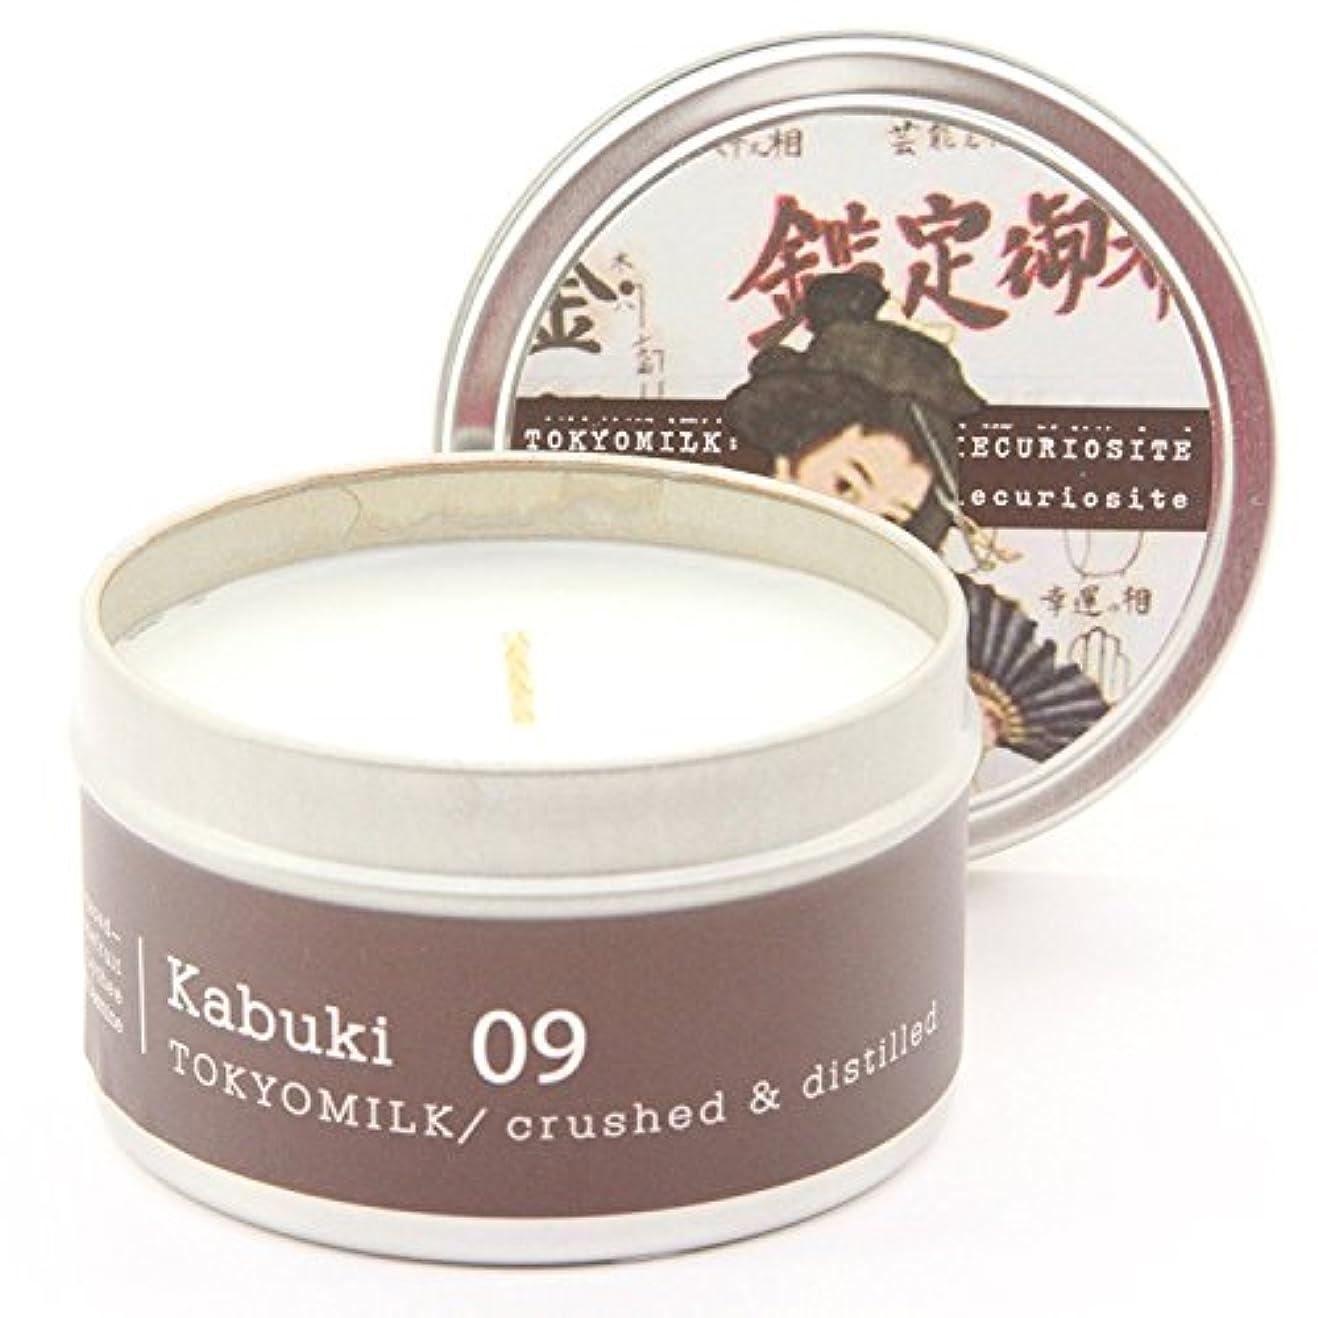 人差し指過敏な大統領東京ミルク's 6 oz Tin Candle